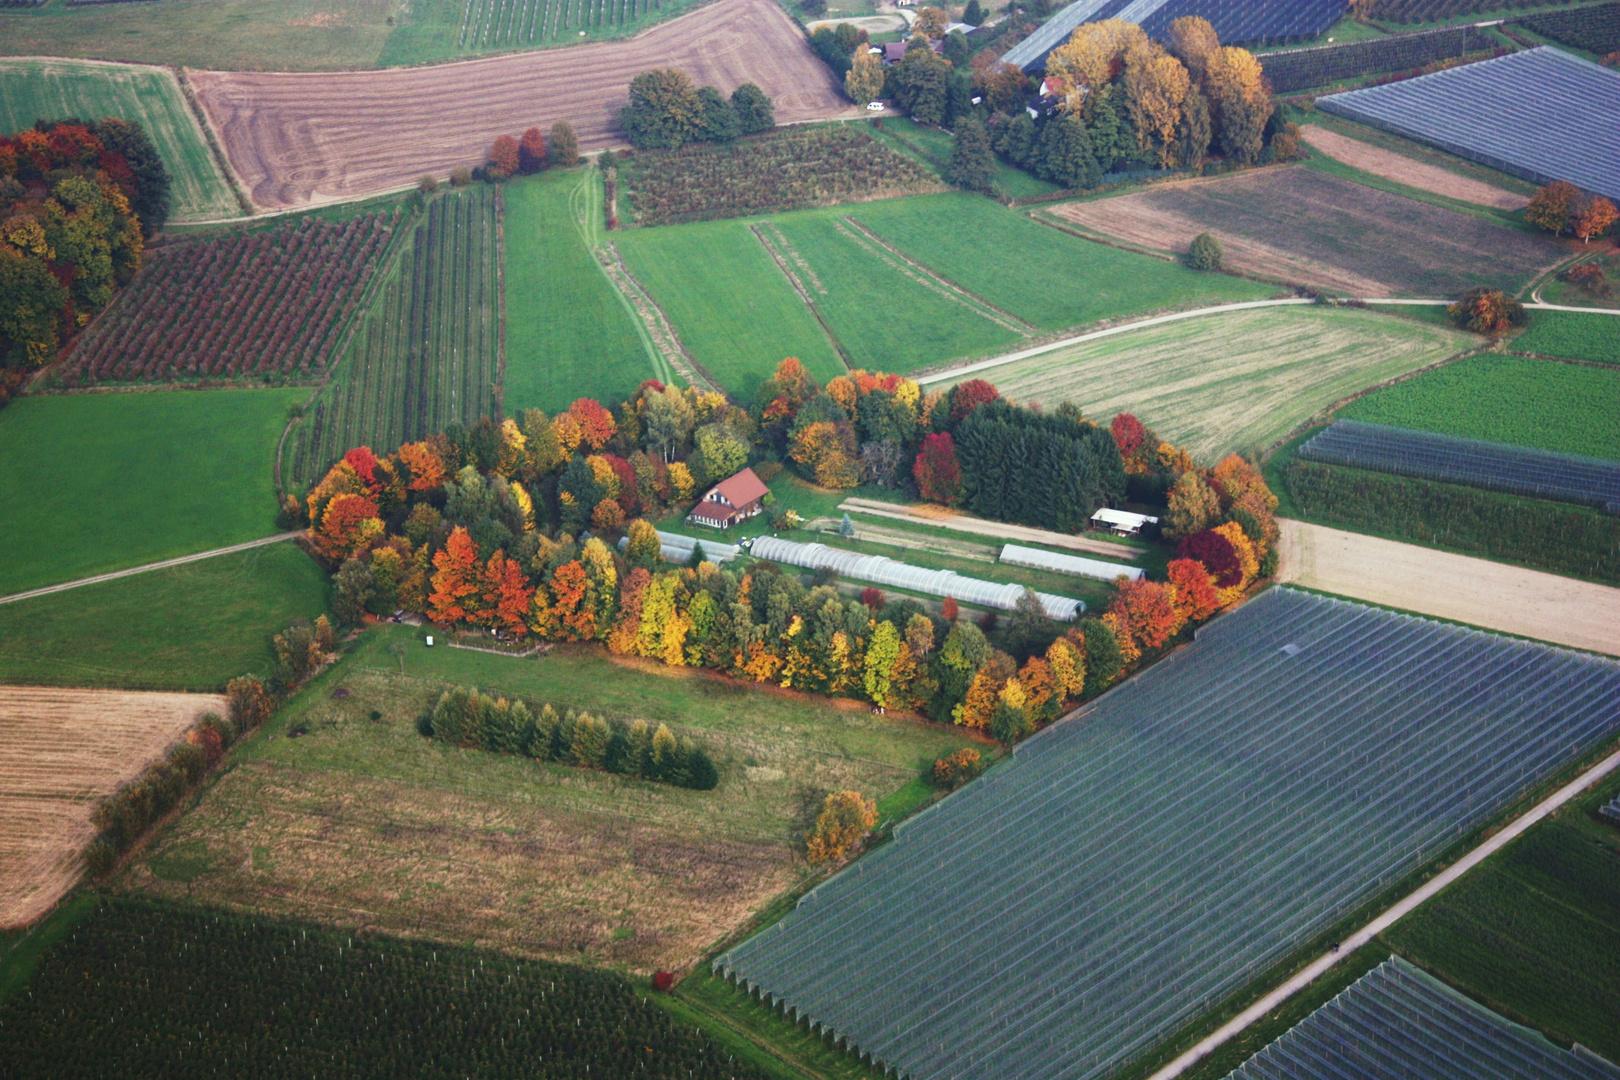 Luftbild Gärtnerei Bei Friedrichshafen Foto Bild Jahreszeiten